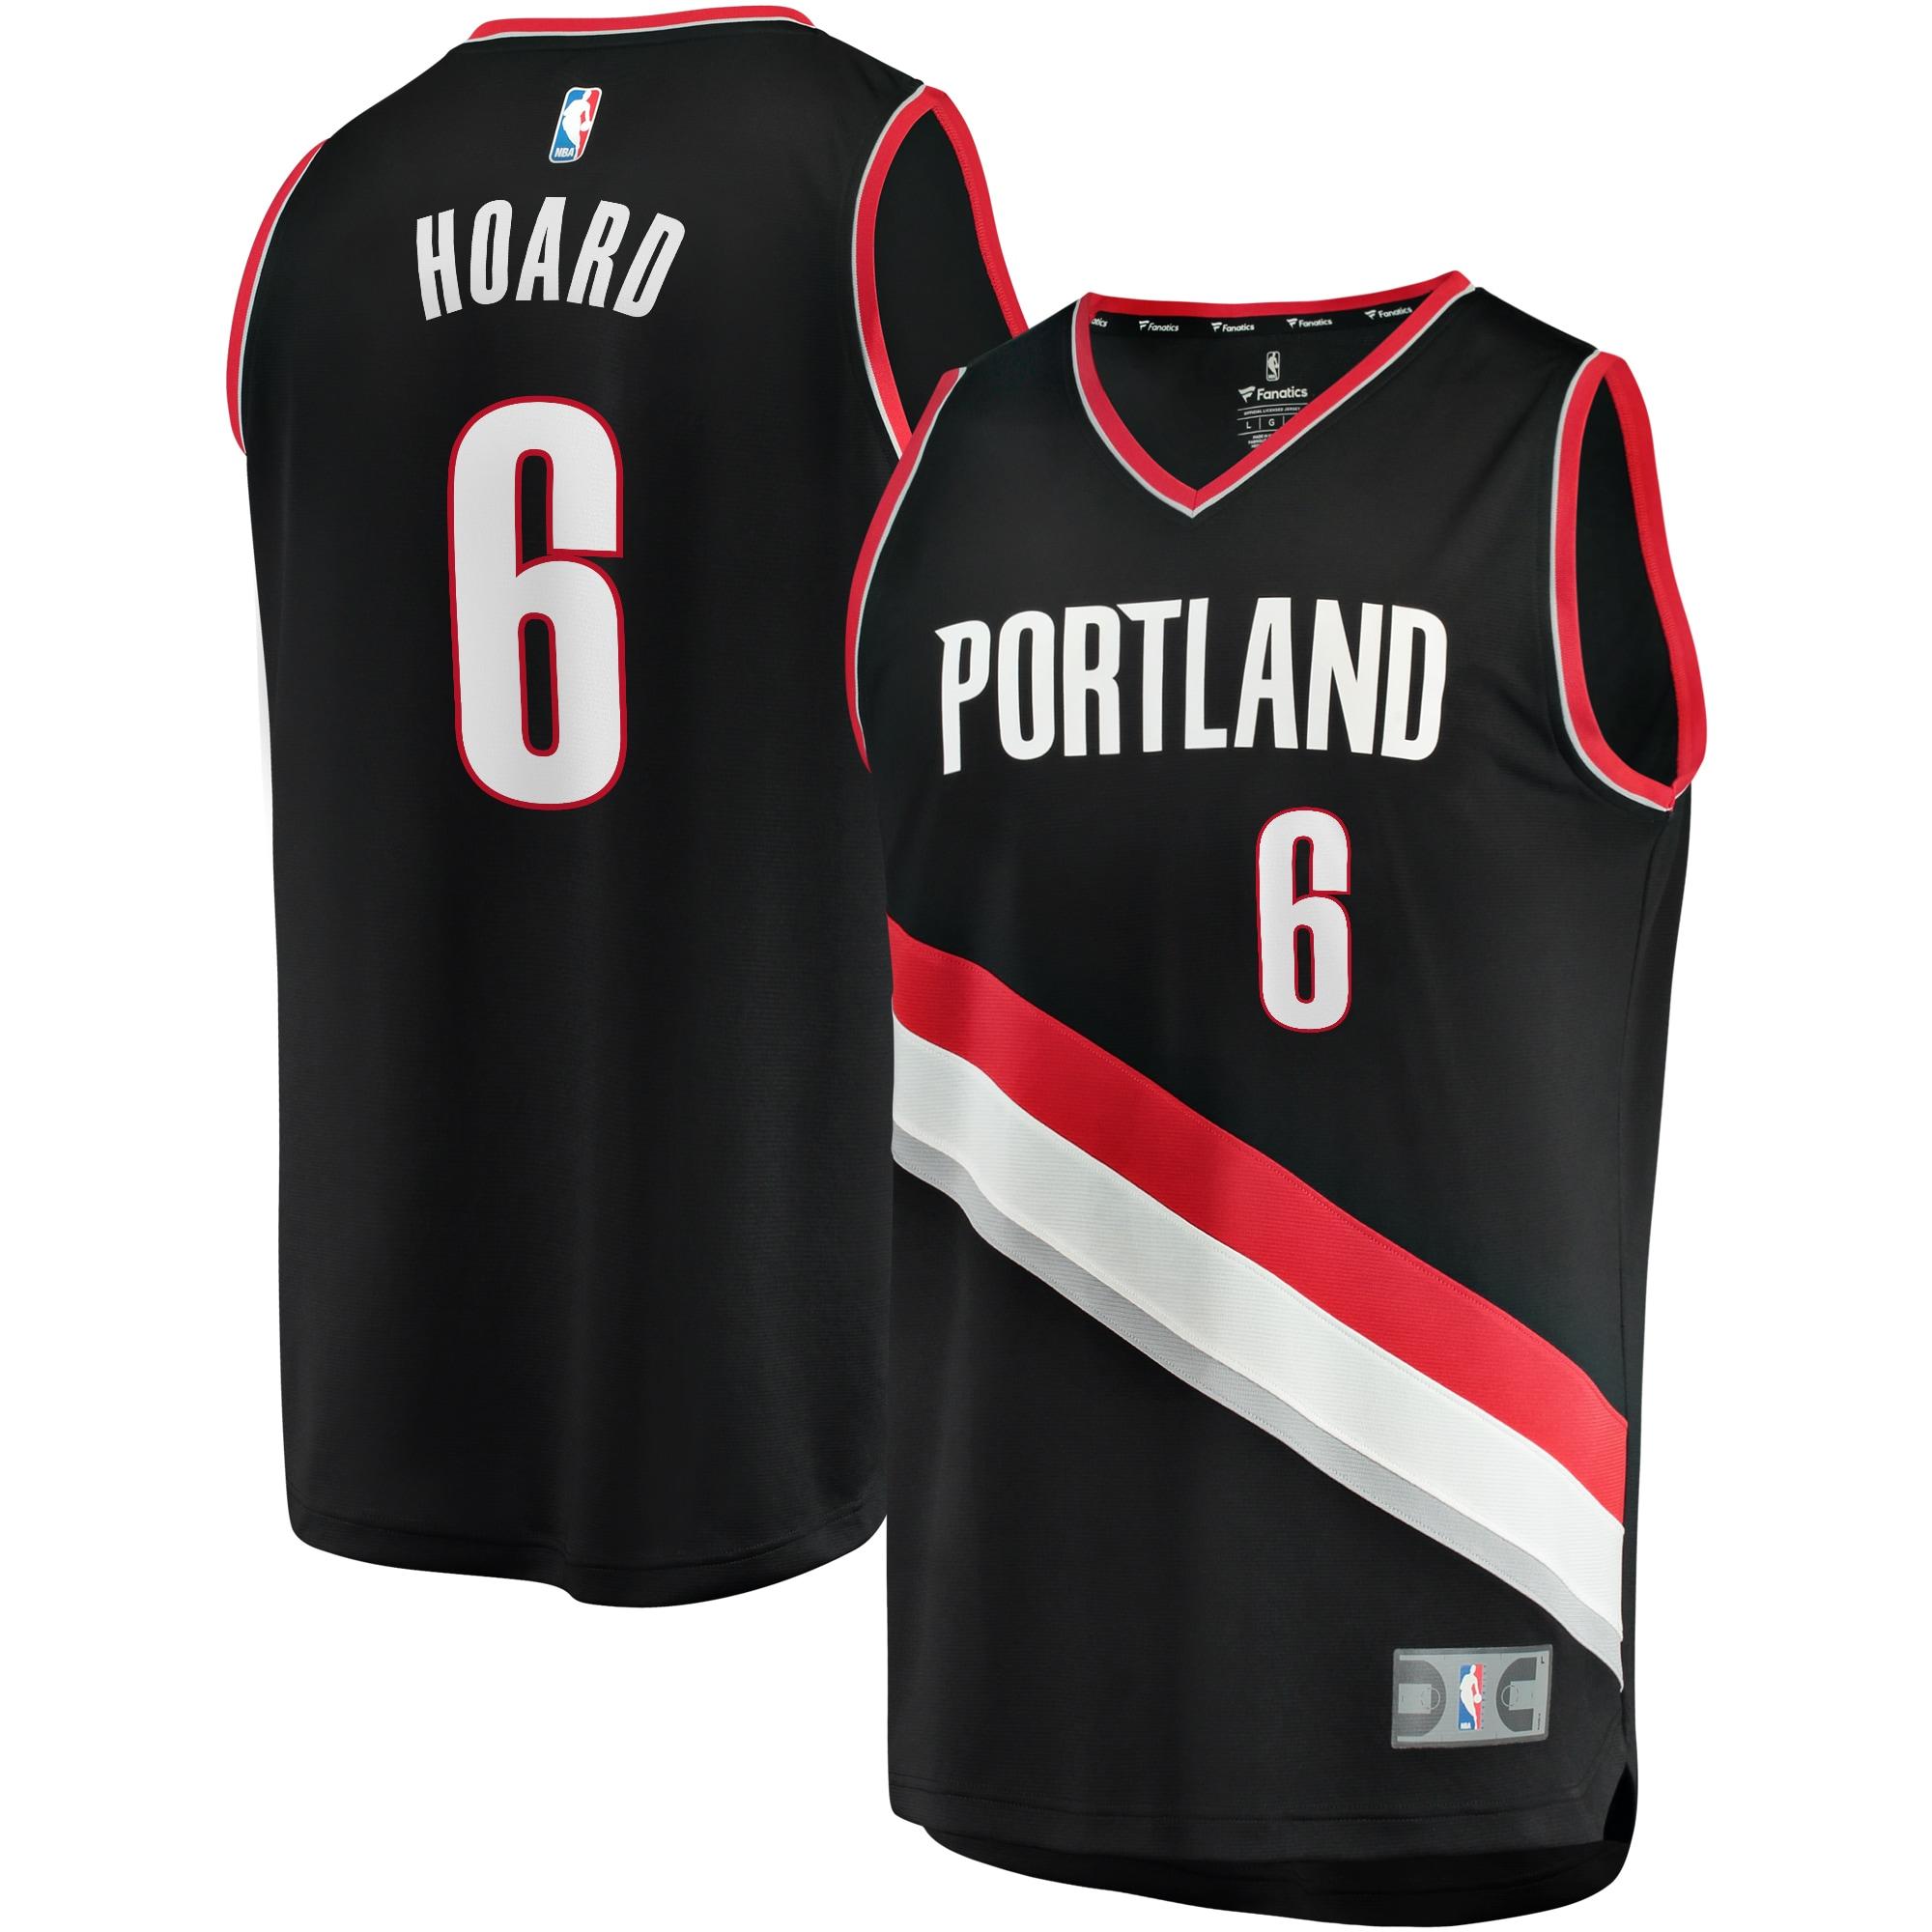 Jaylen Hoard Portland Trail Blazers Fanatics Branded Youth Fast Break Replica Player Jersey - Icon Edition - Black